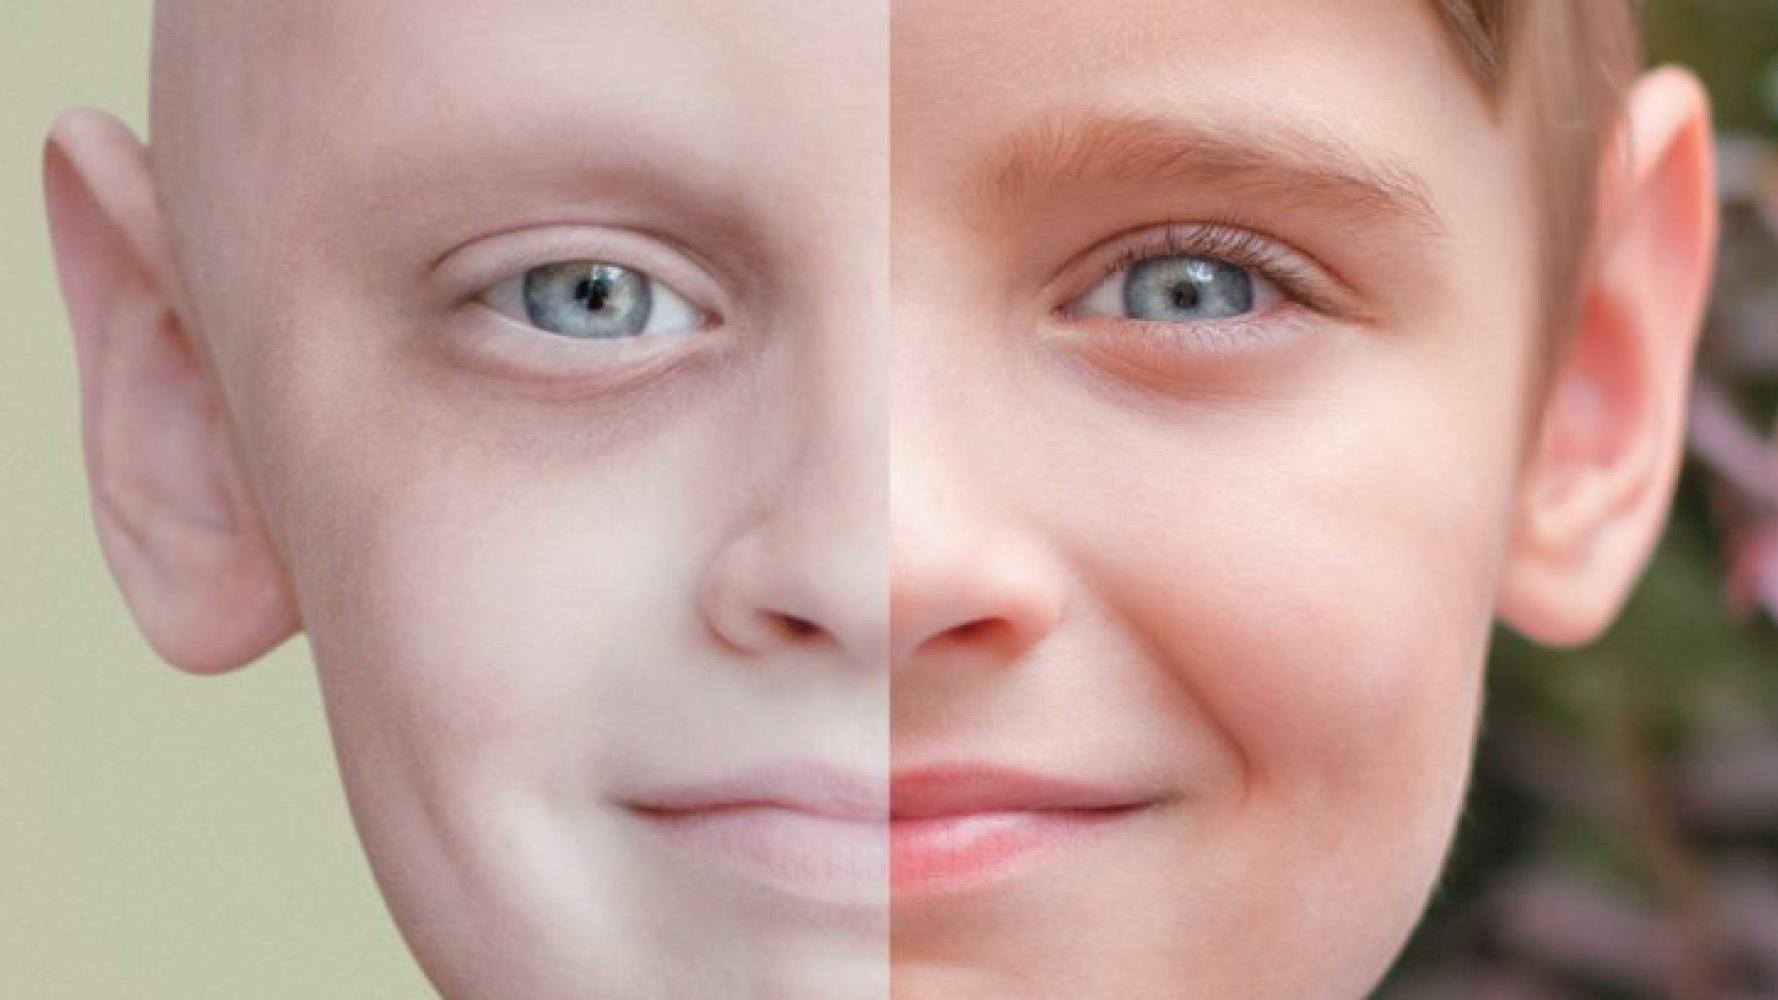 تغییرات ظاهری در اثر سرطان   بیماری سرطان   پیشگیری از سرطان